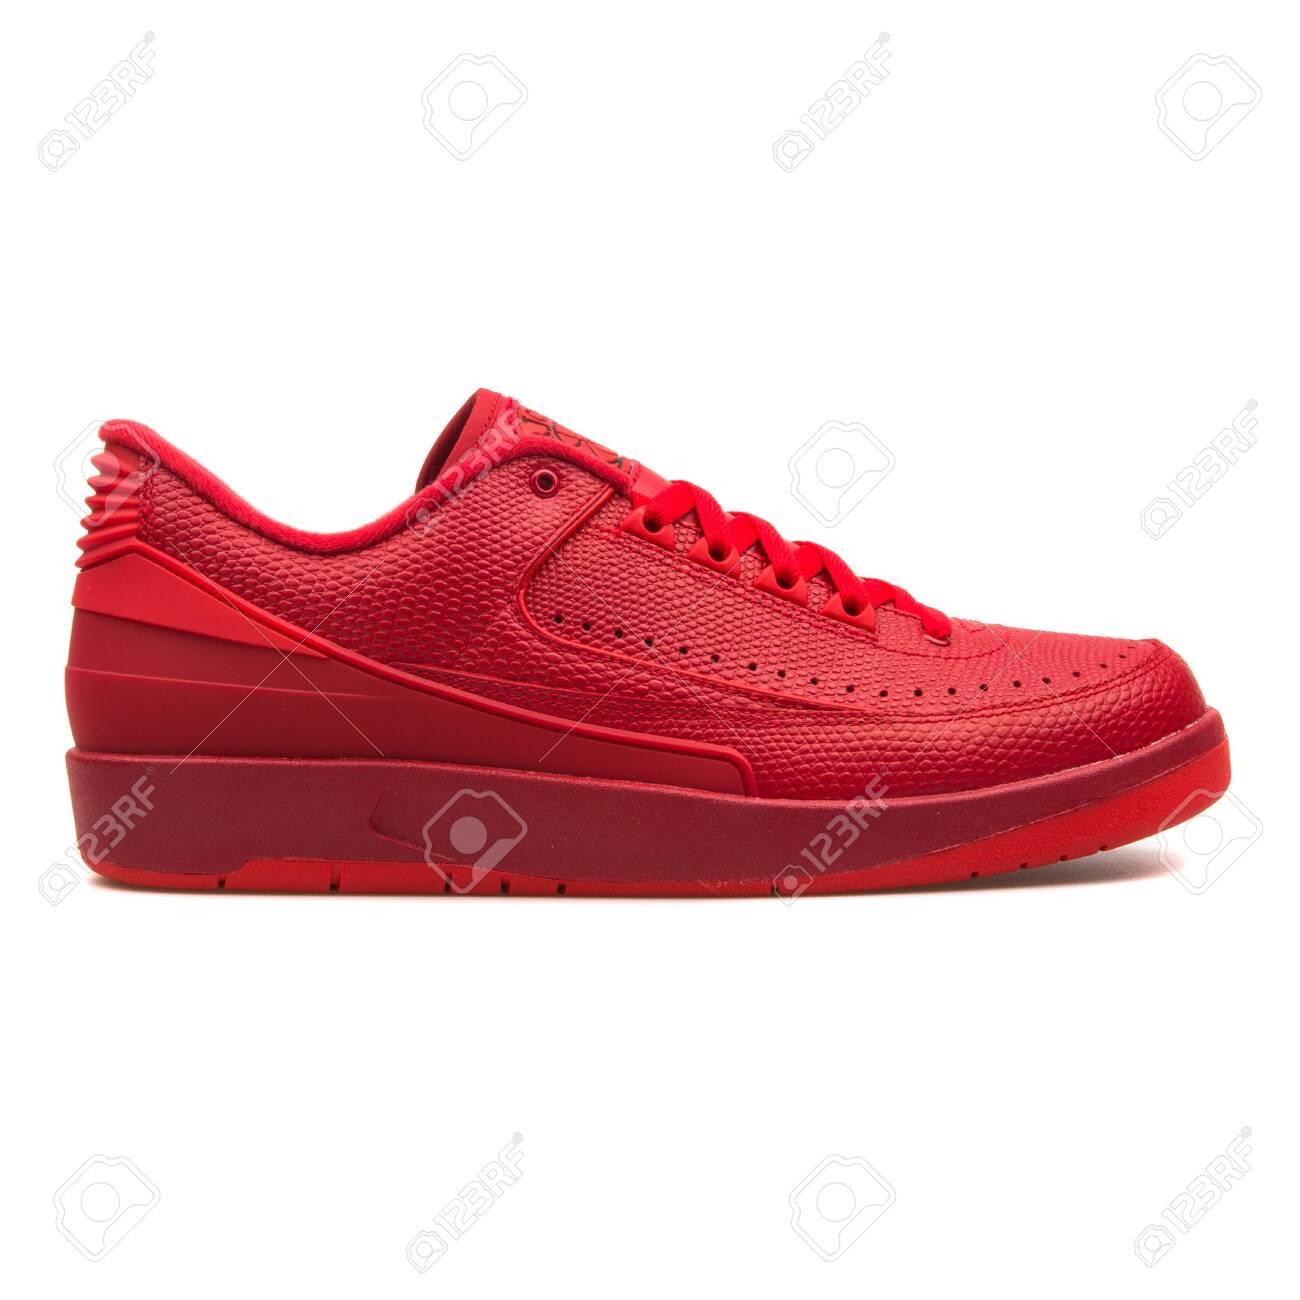 best sneakers b21cf 888df VIENNA, AUSTRIA - AUGUST 10, 2017: Nike Air Jordan 2 Retro Low..